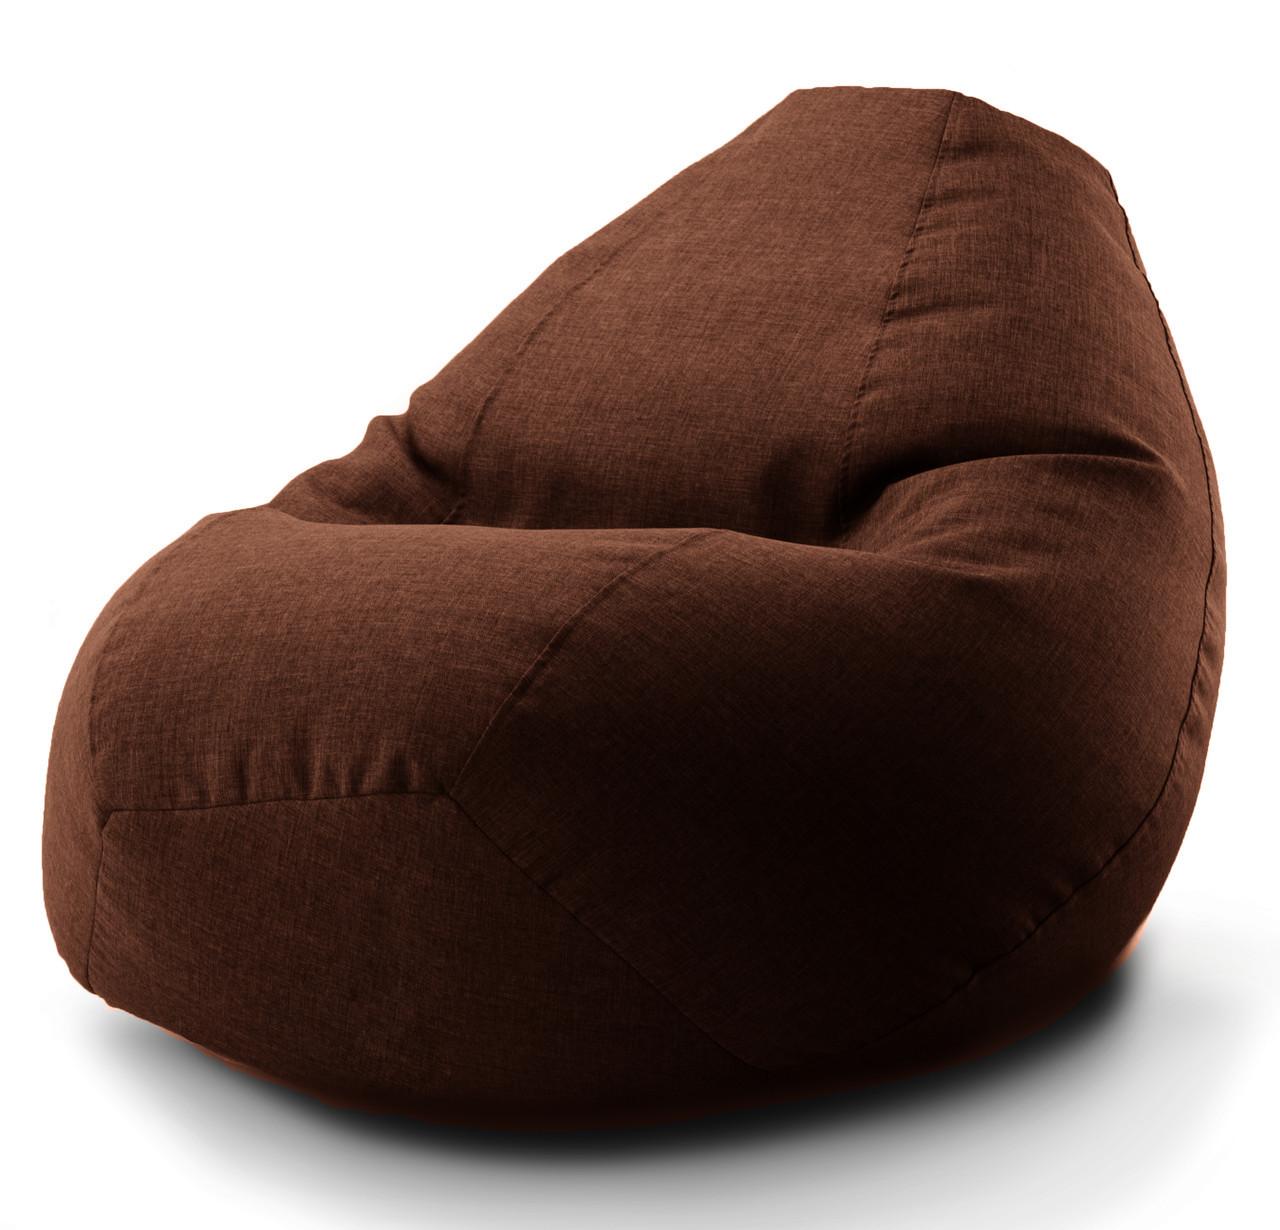 Огромное овальное кресло-мешок, груша Микро-рогожка 100*140 см. С дополнительным чехлом